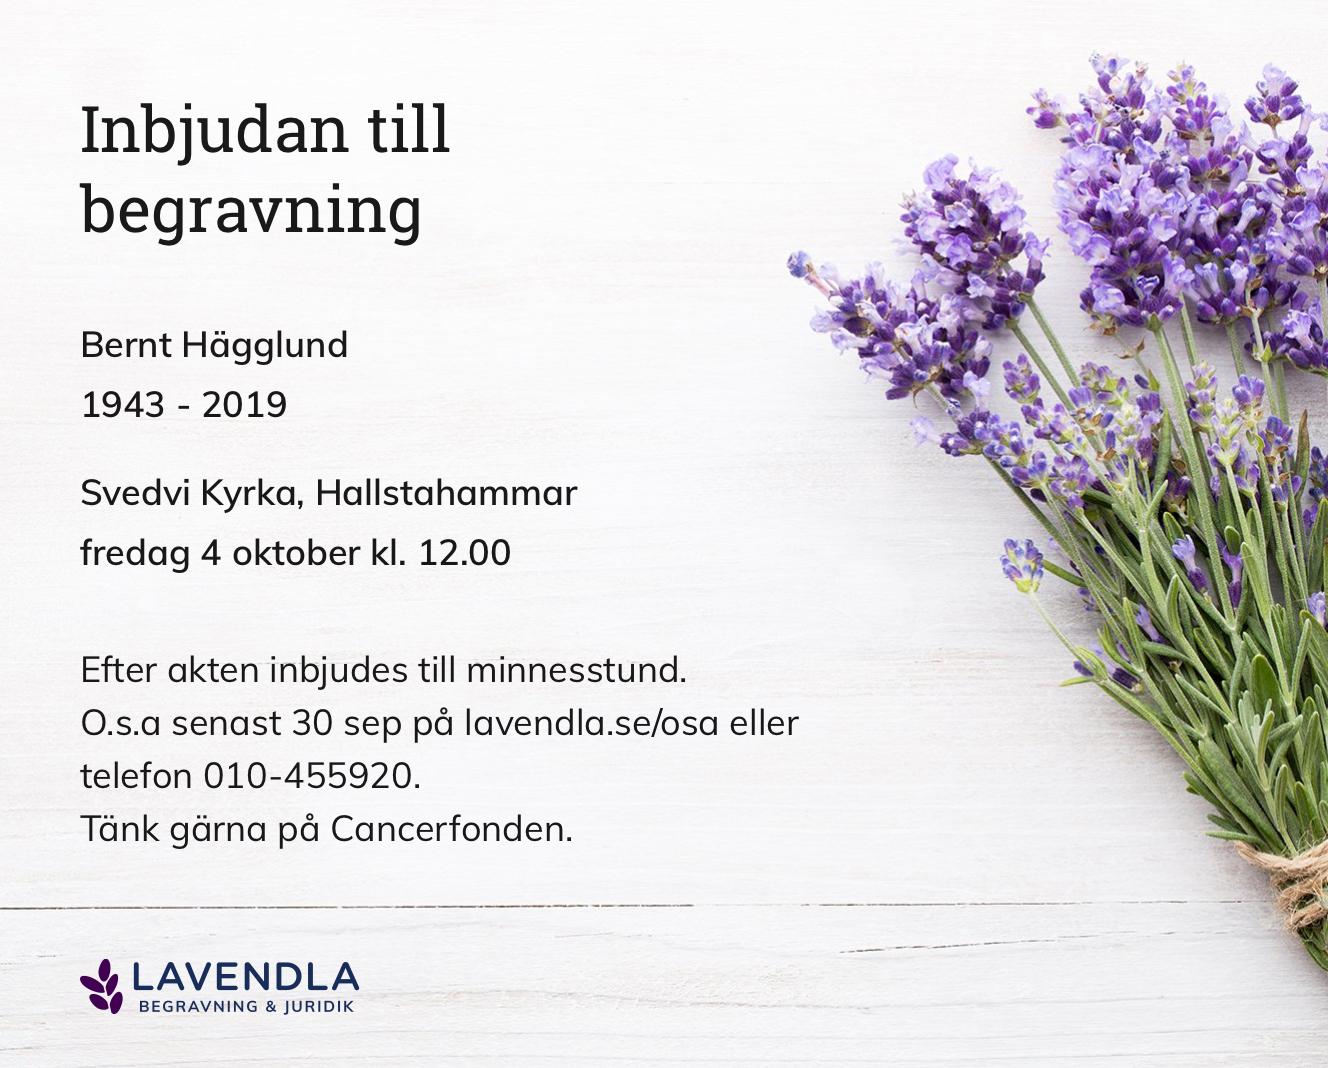 Inbjudningskort till ceremonin för Bernt Hägglund